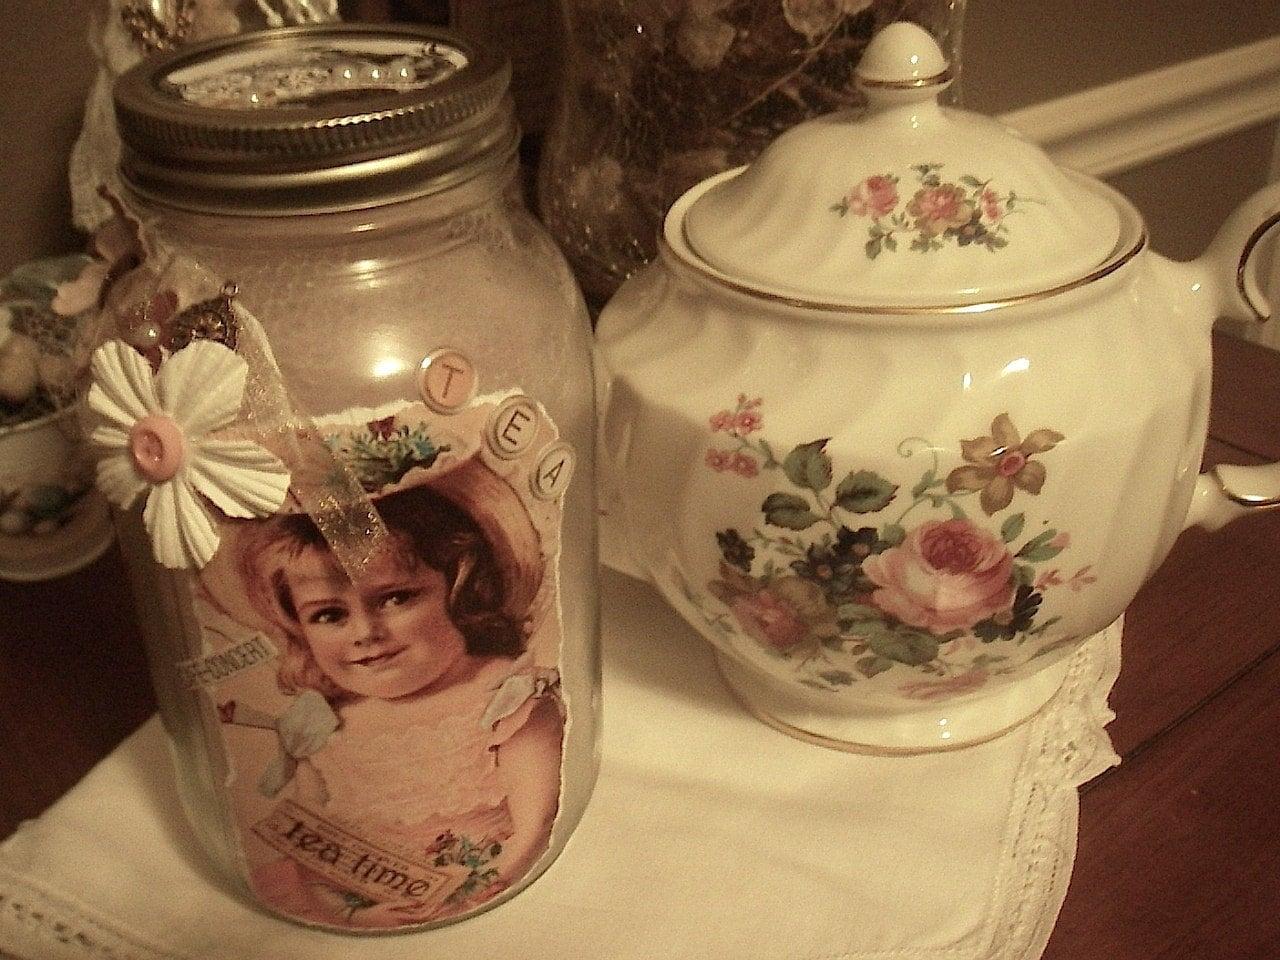 Потертый Chic Декор Дом, потертый шик Jar, Tea Time Jar, чай, Синди Эдкинс, Ее Причудливая Размышления на Etsy